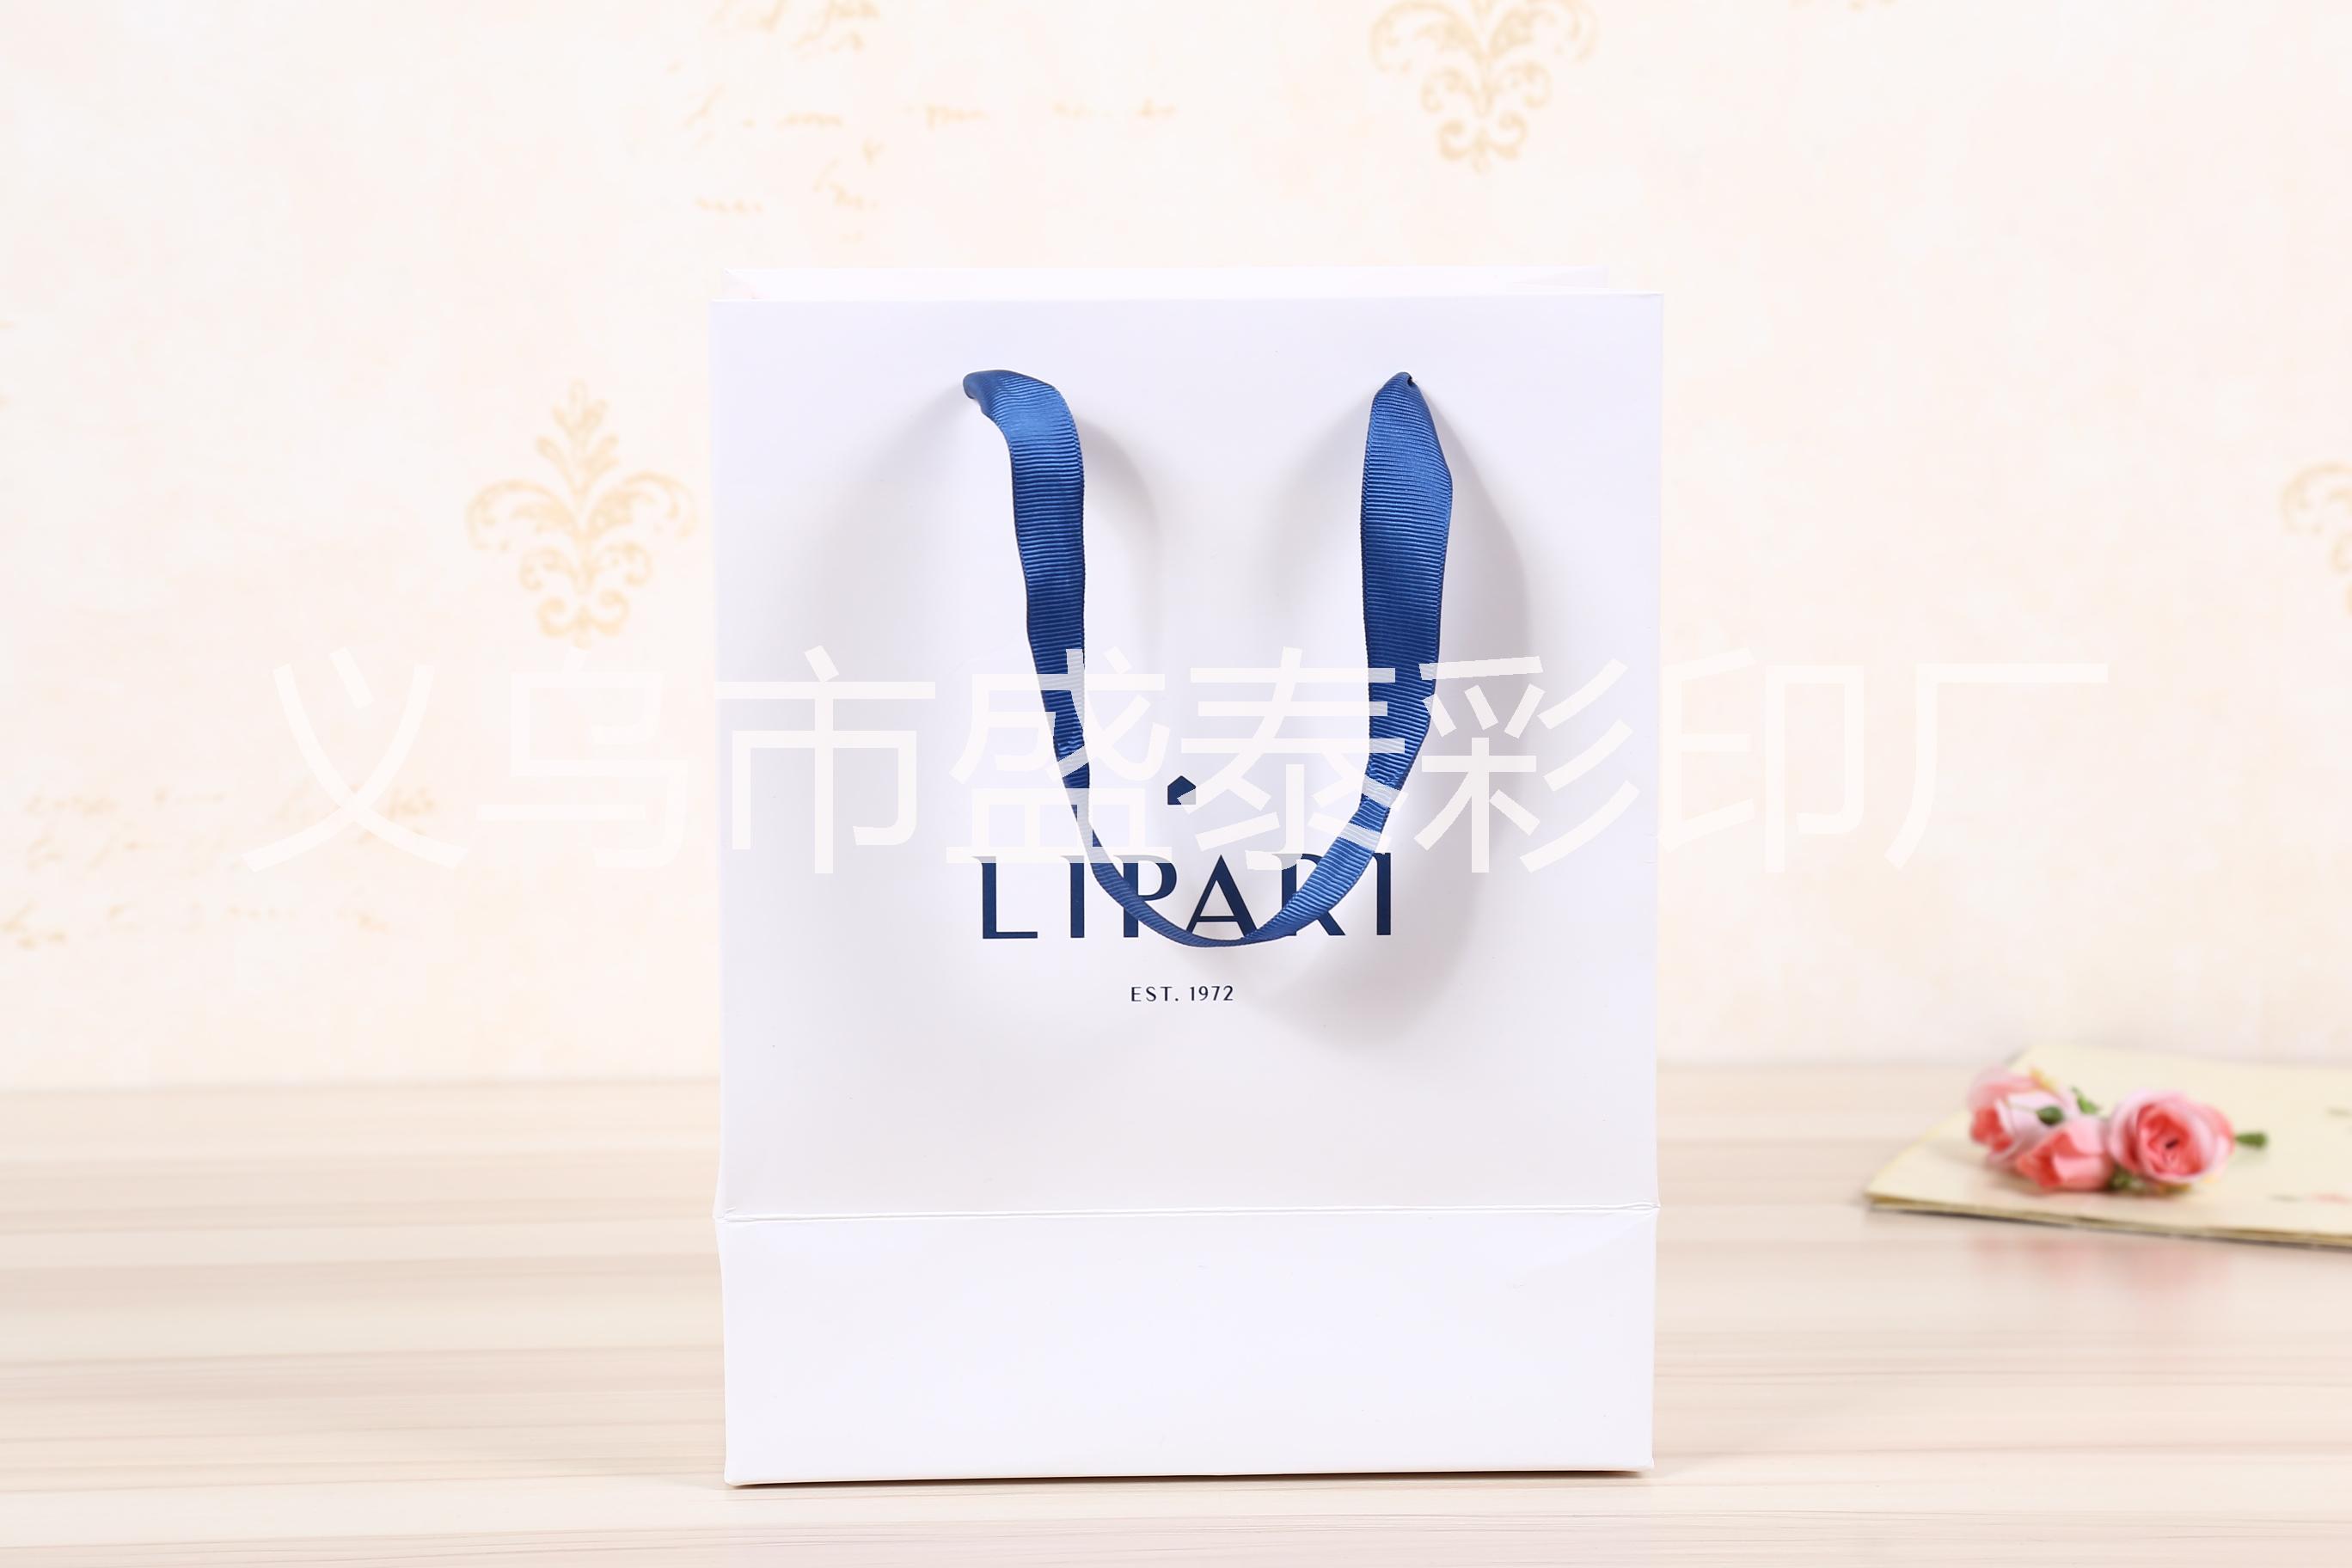 韩版商务广告礼品袋 潘通色包装袋 手提服装购物袋